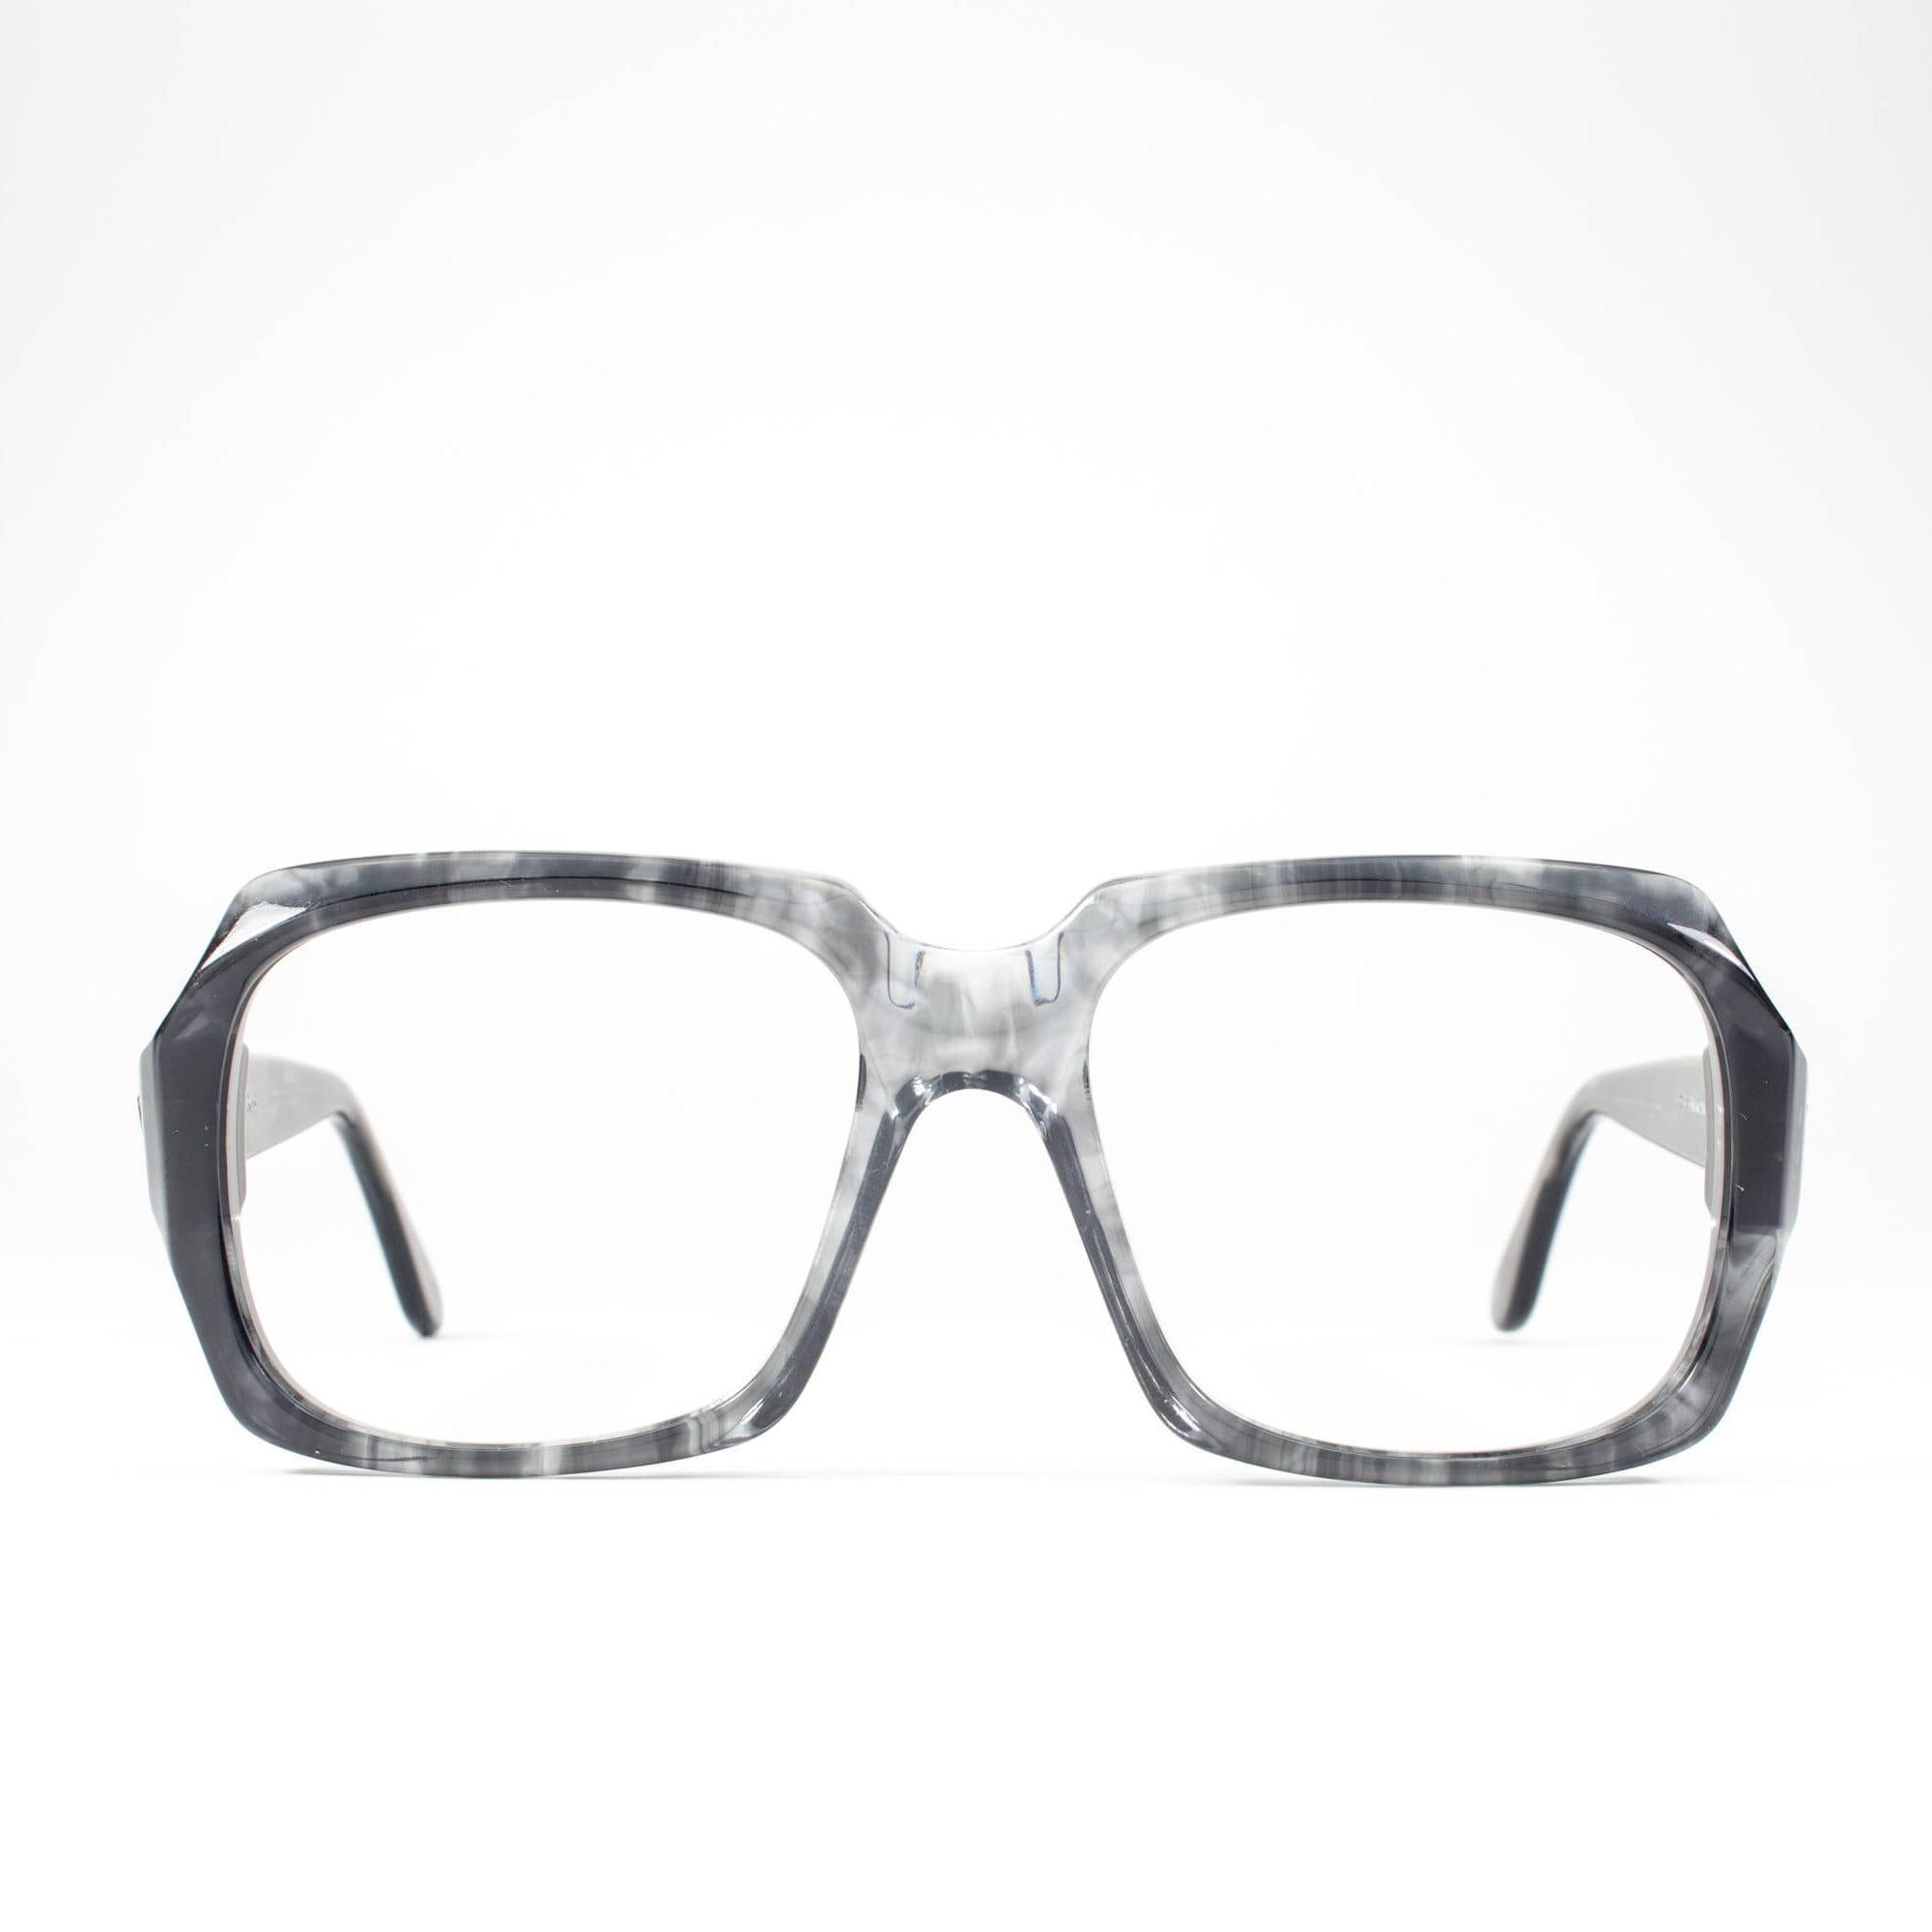 70s Vintage Glasses | Horn Rimmed Glasses Frames | 1970s Eyeglasses ...